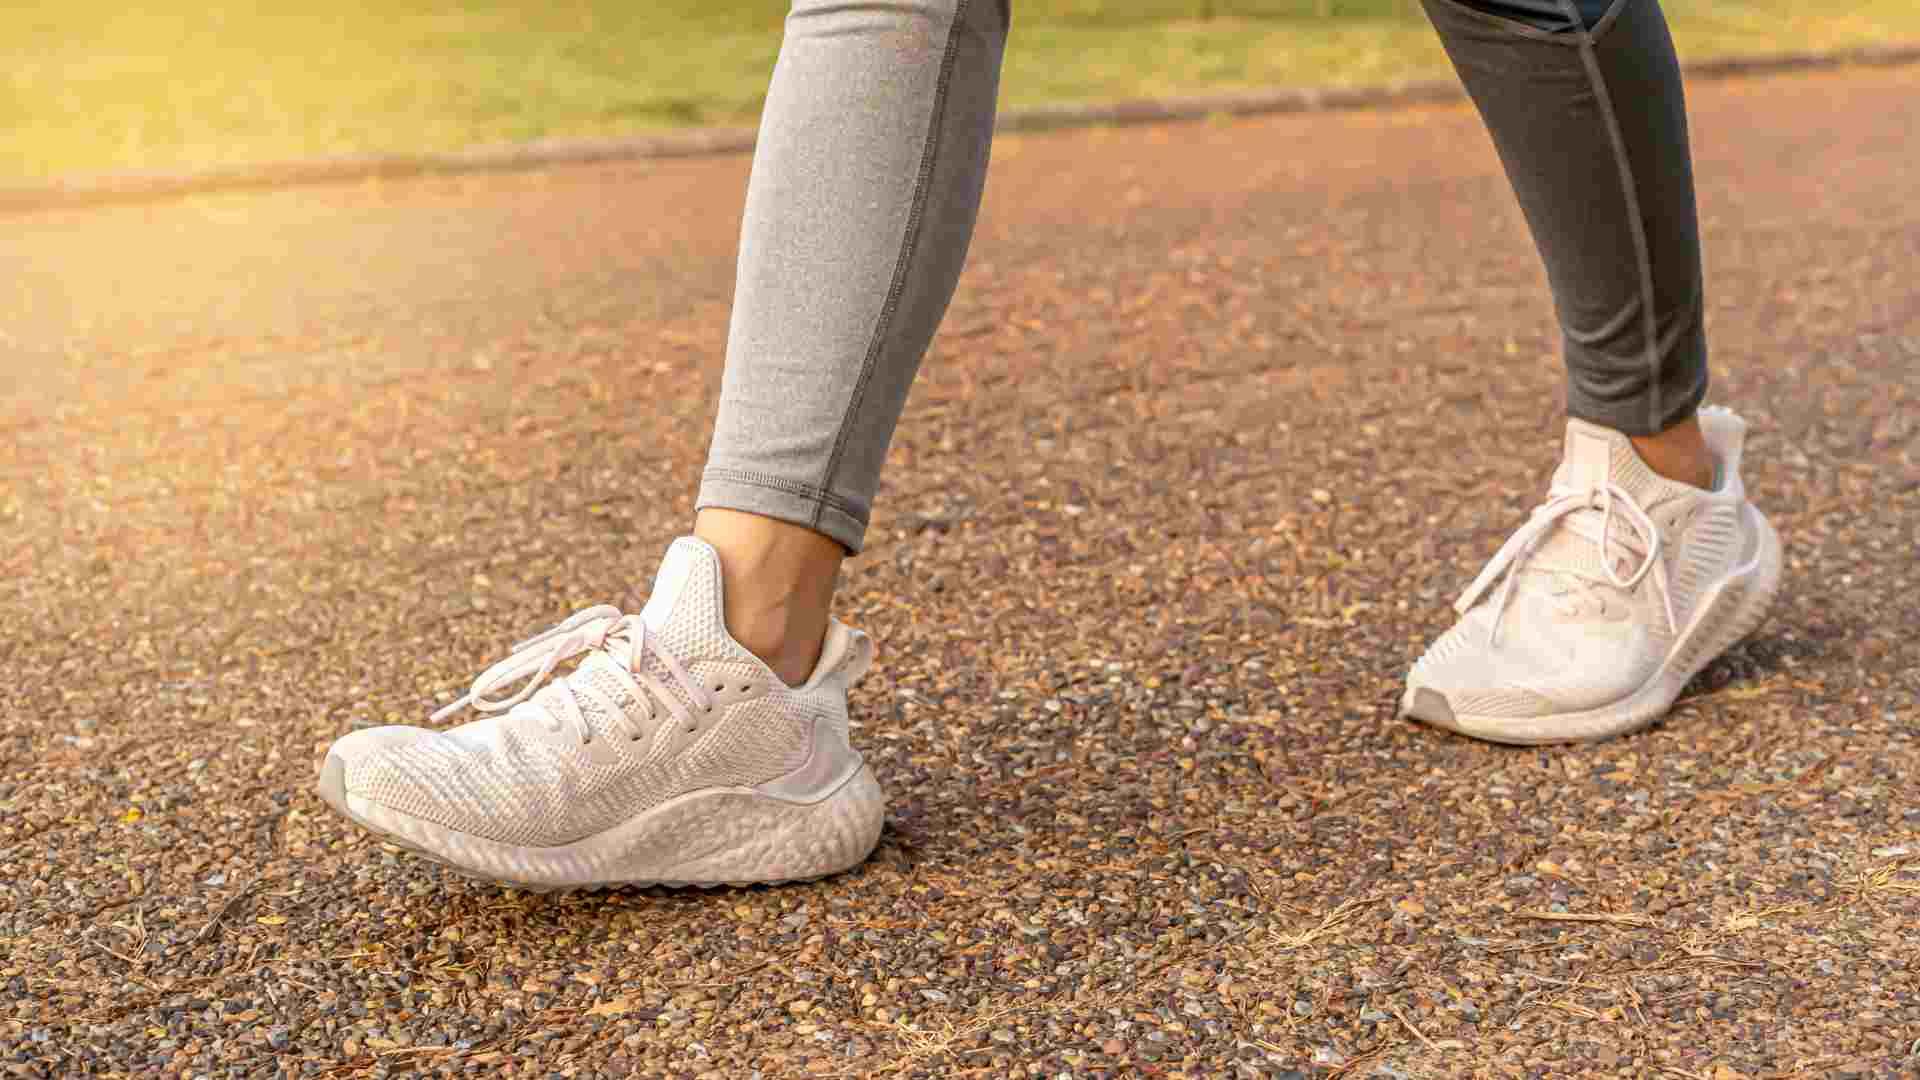 Mulher com tênis branco feminino esportivo caminhando